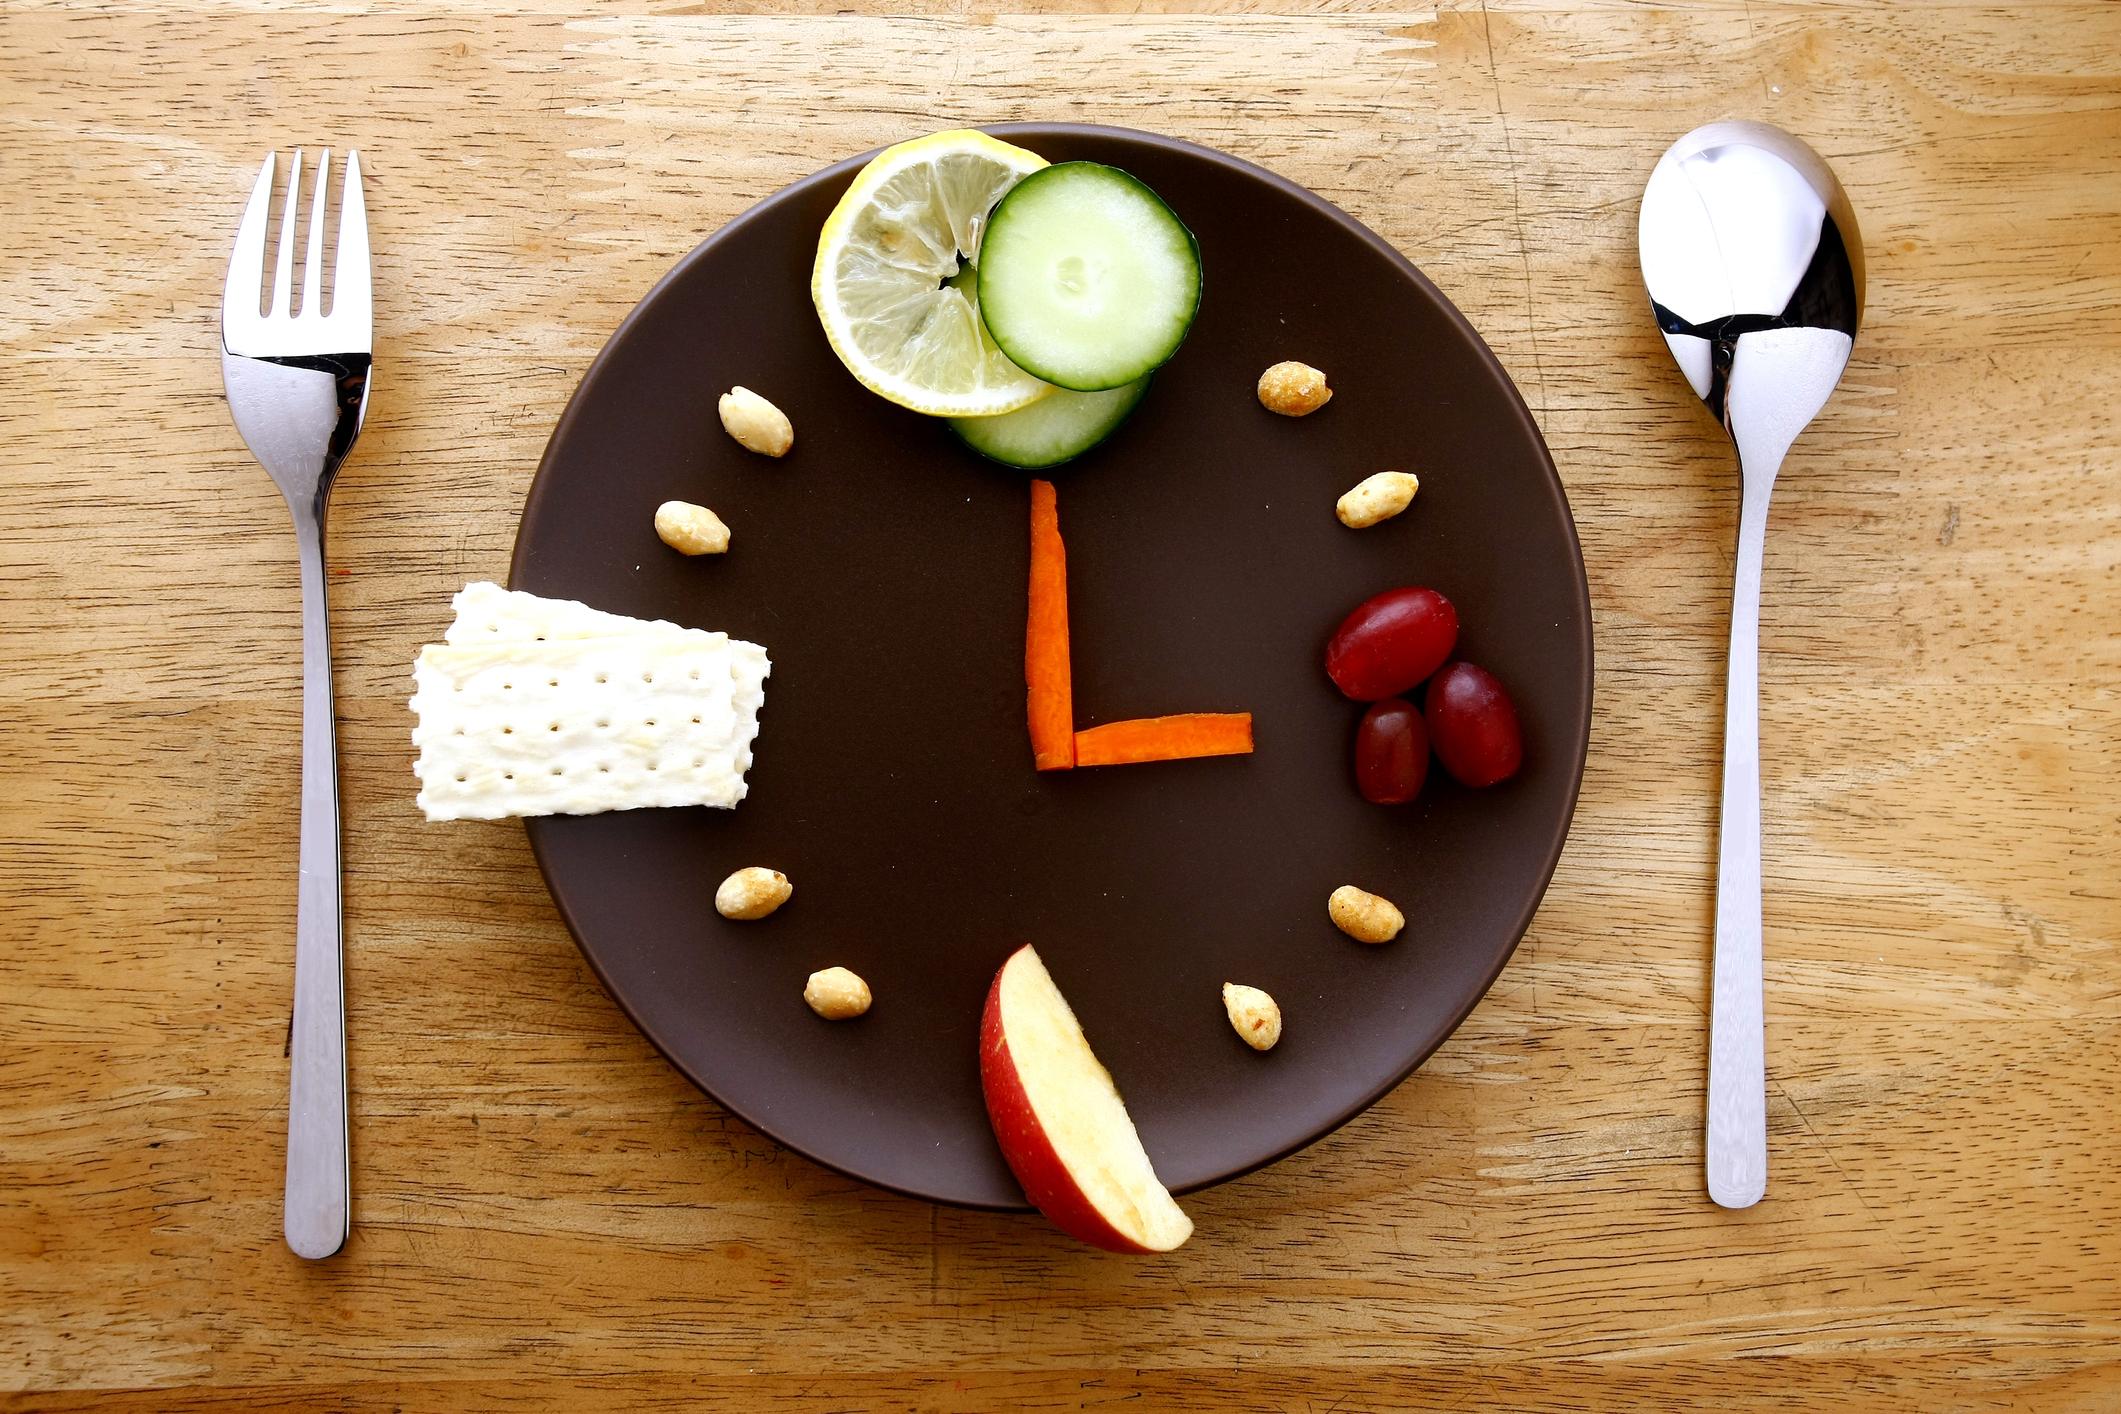 Навіщо на місяць відмовлятися від цукру, мучного і шкідливих продуктів